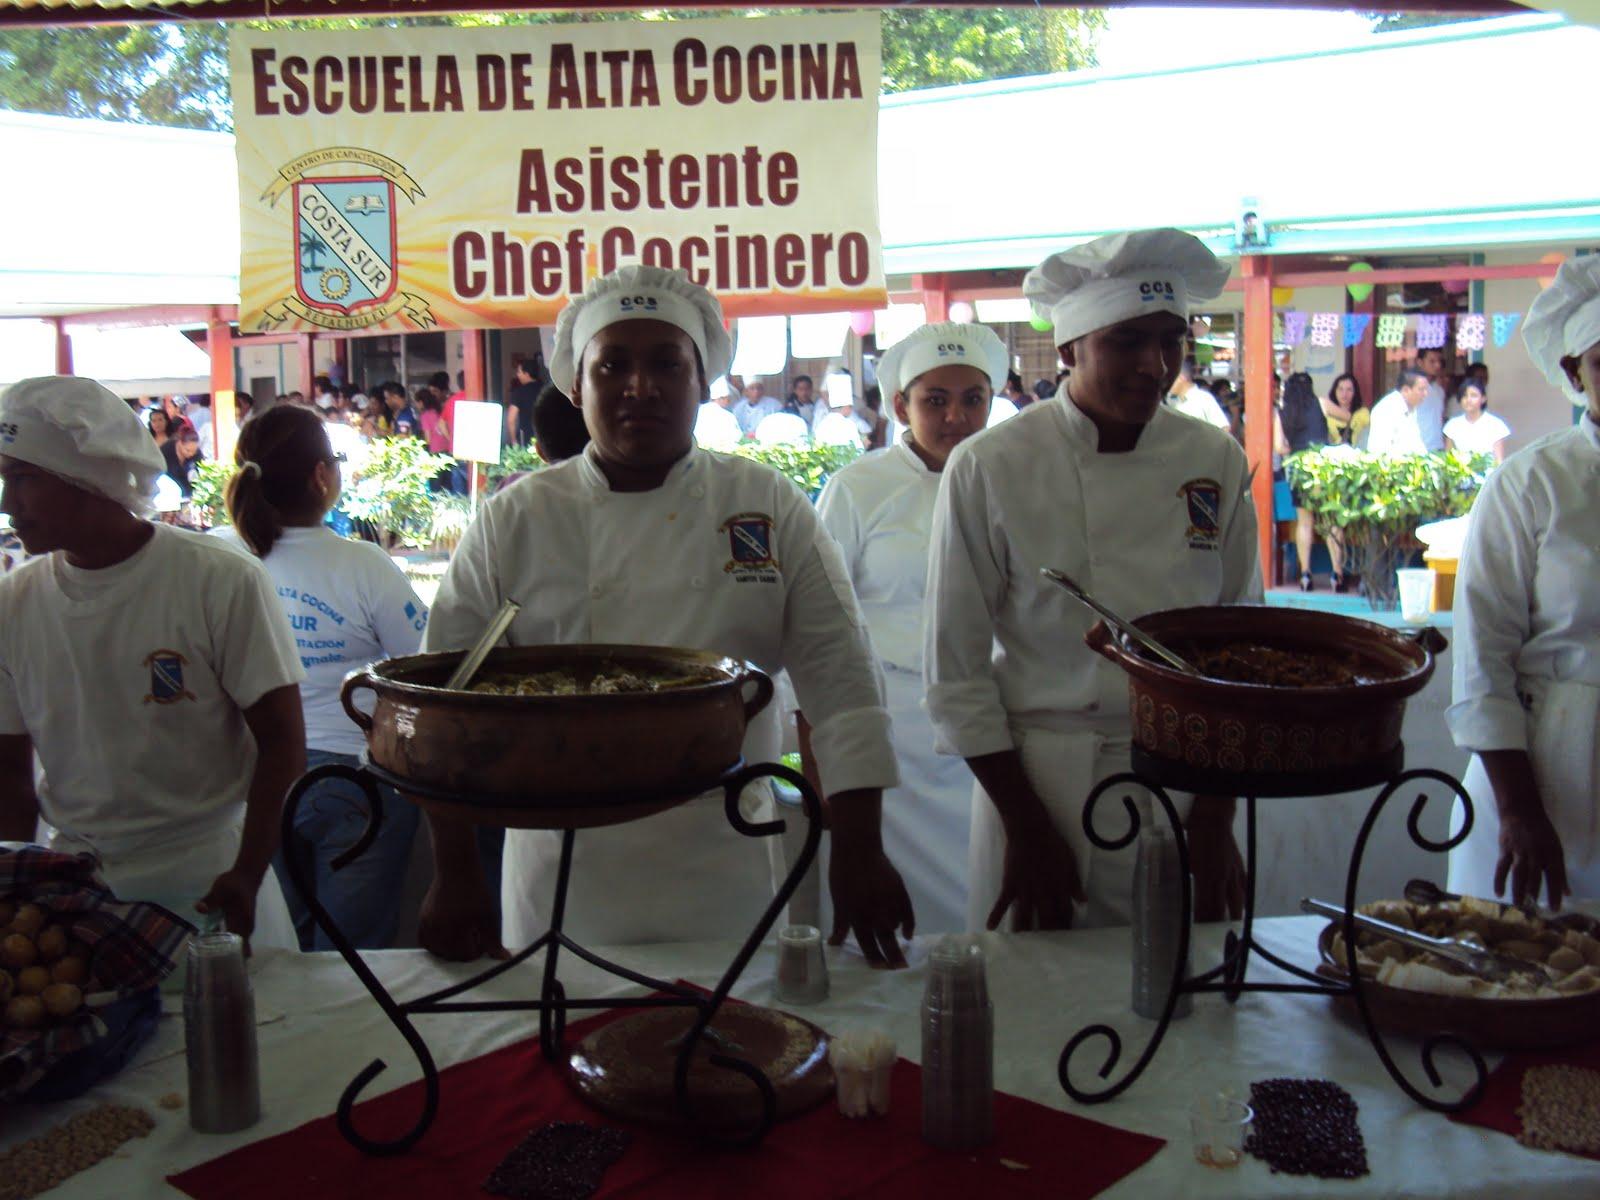 Iesch tapachula escuela de alta cocina de guatemala - Escuela de cocina ...